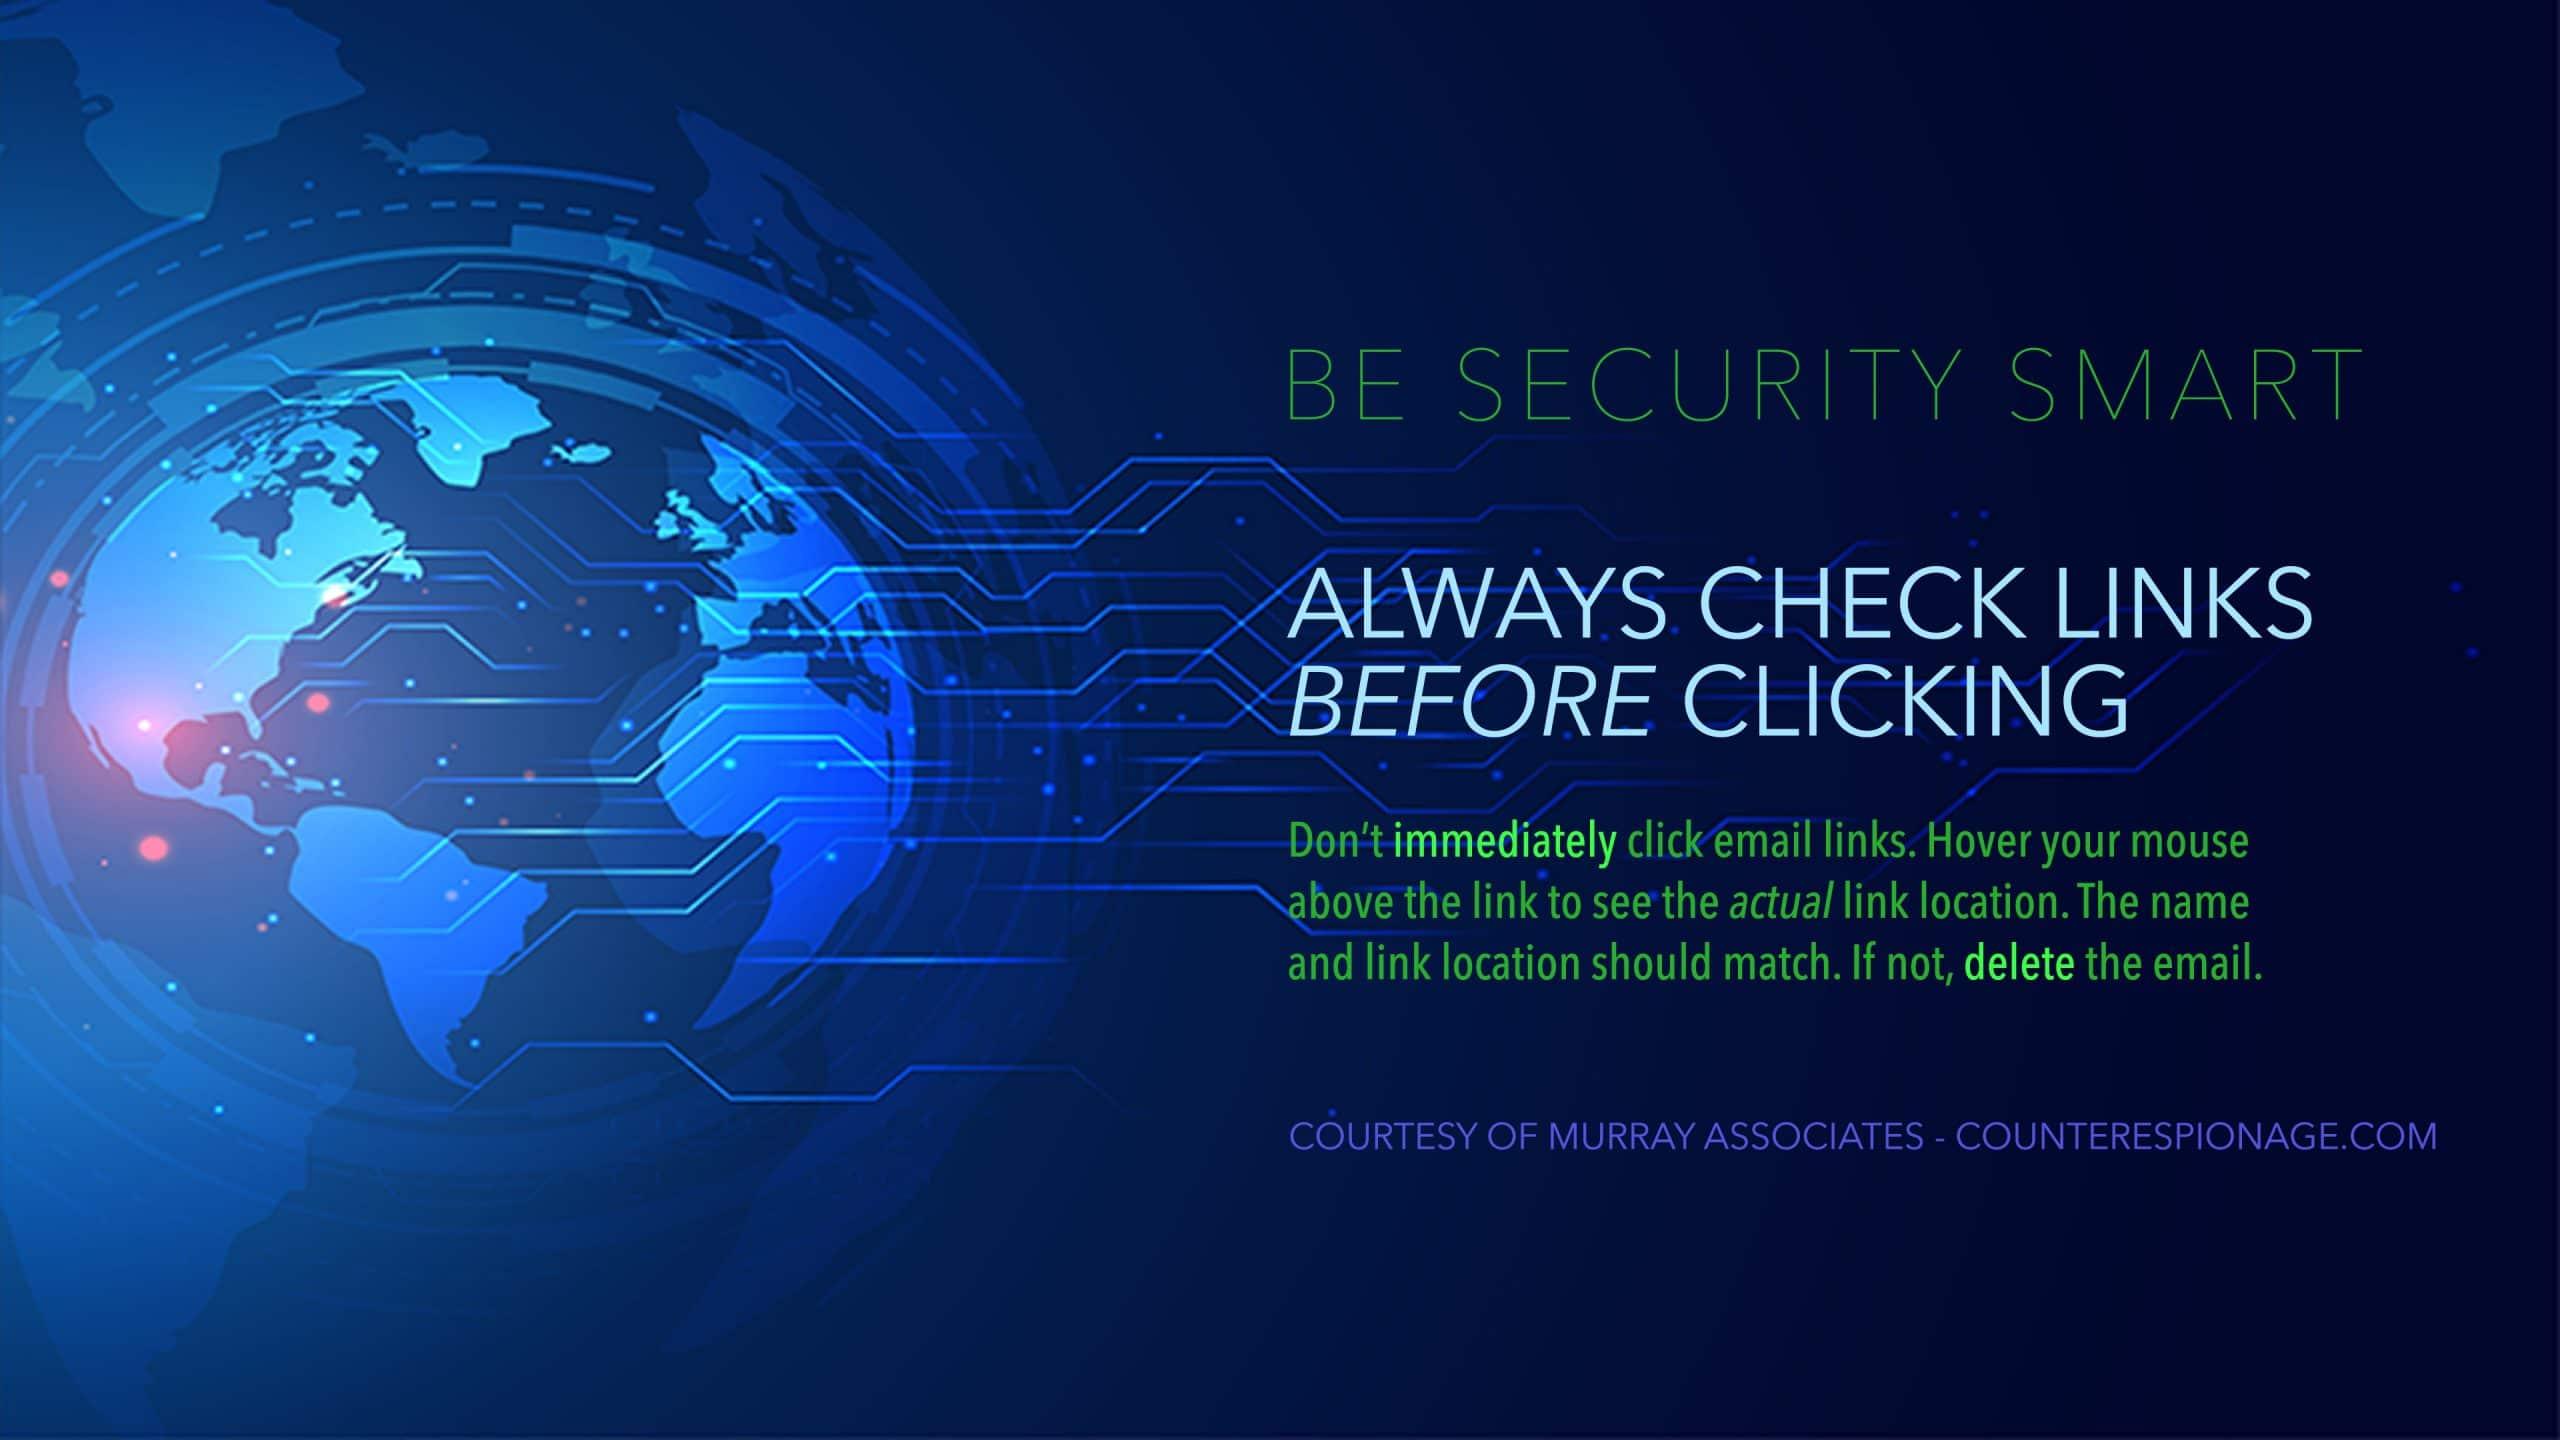 Security Screen Saver 3-4